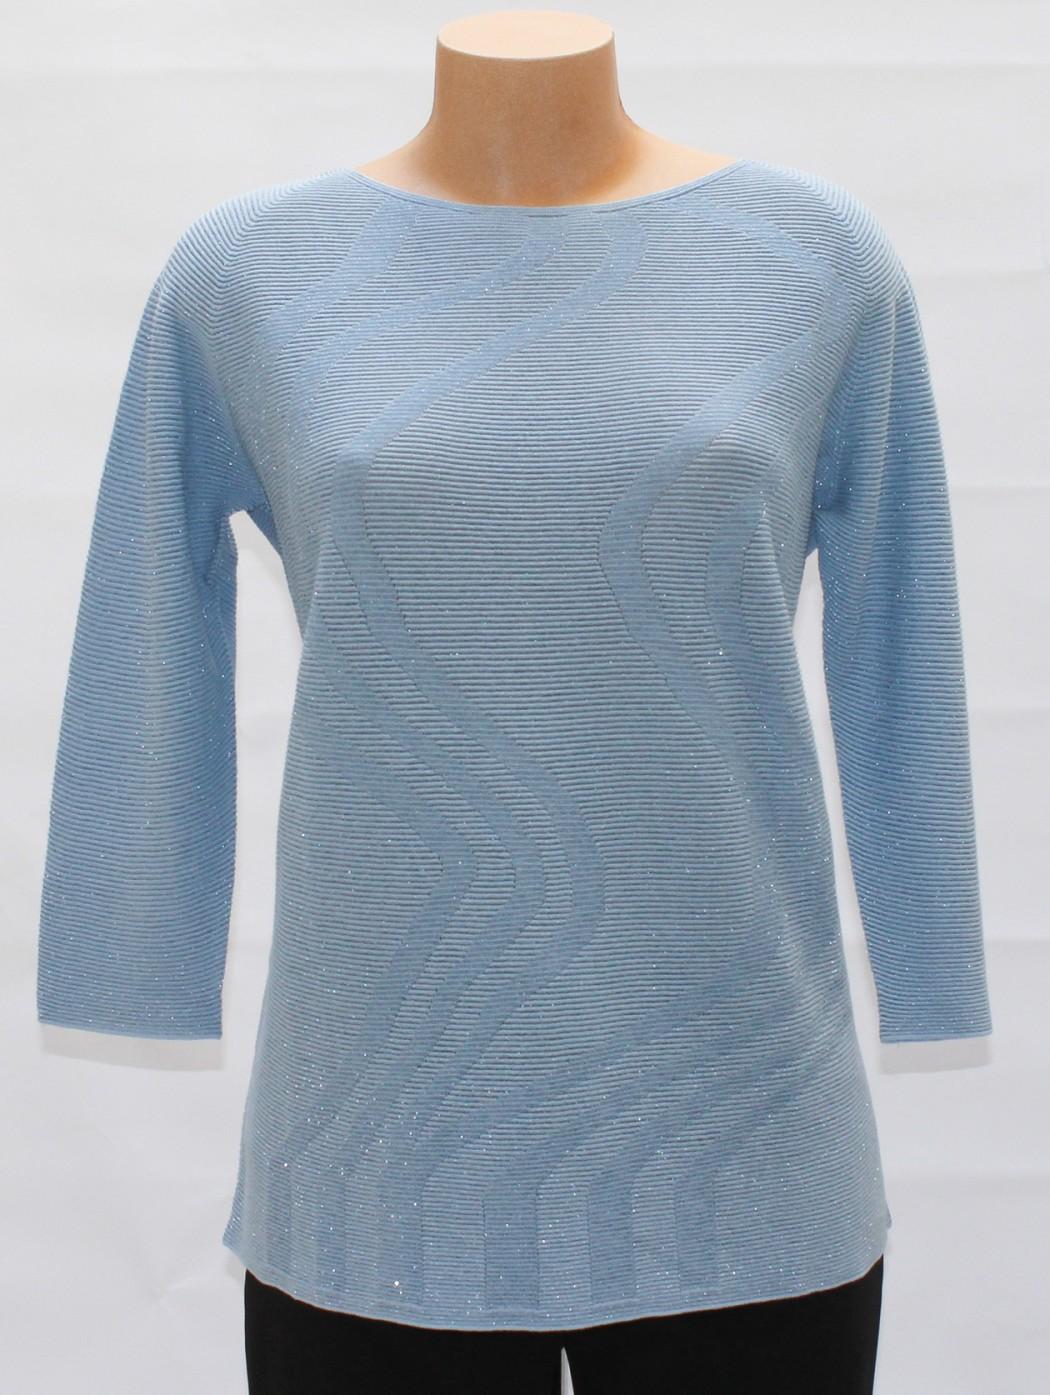 Maglione di cotone celeste...